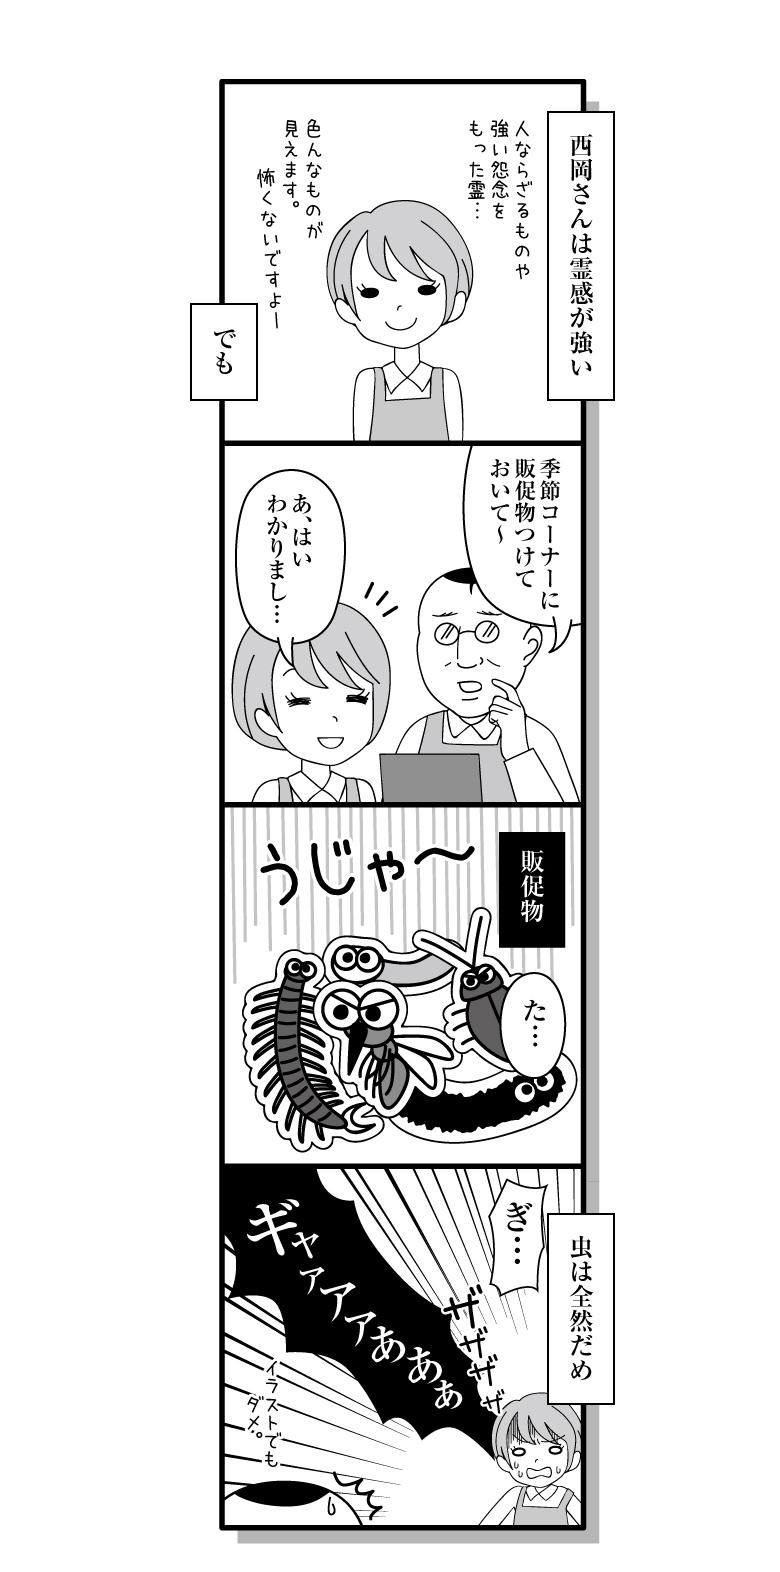 180407_manga